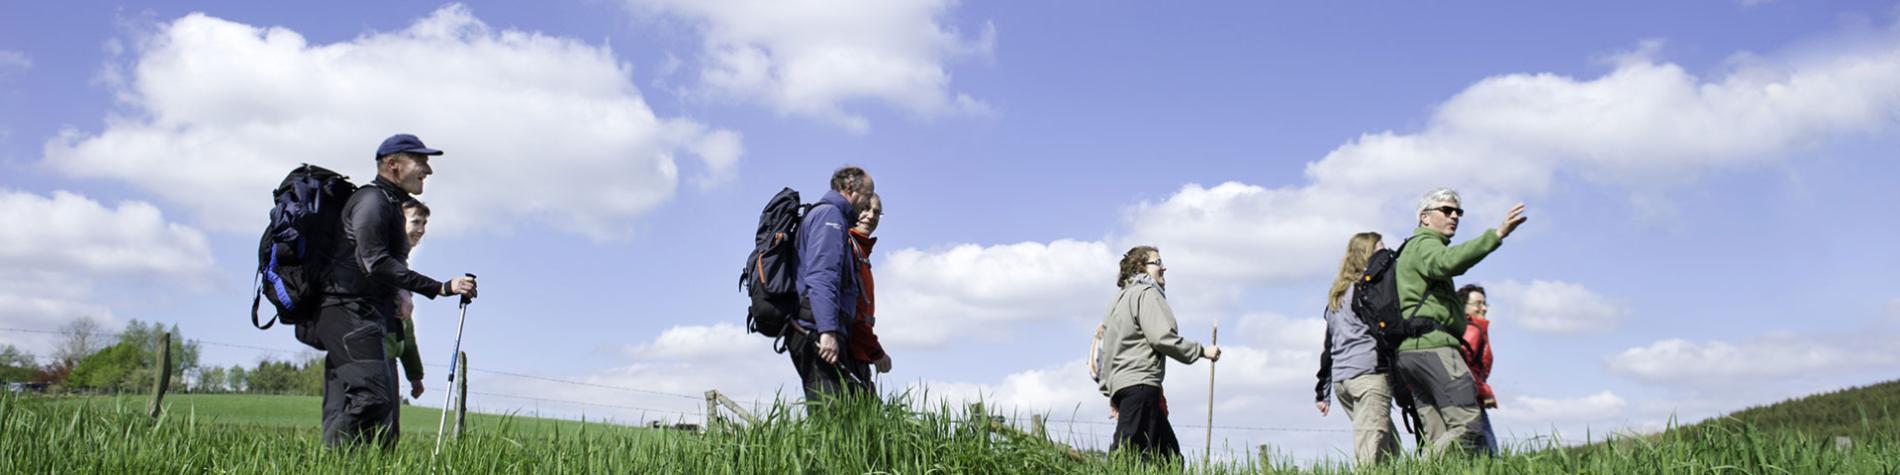 Ardennes-Rando - treks - randonnées - Ardenne